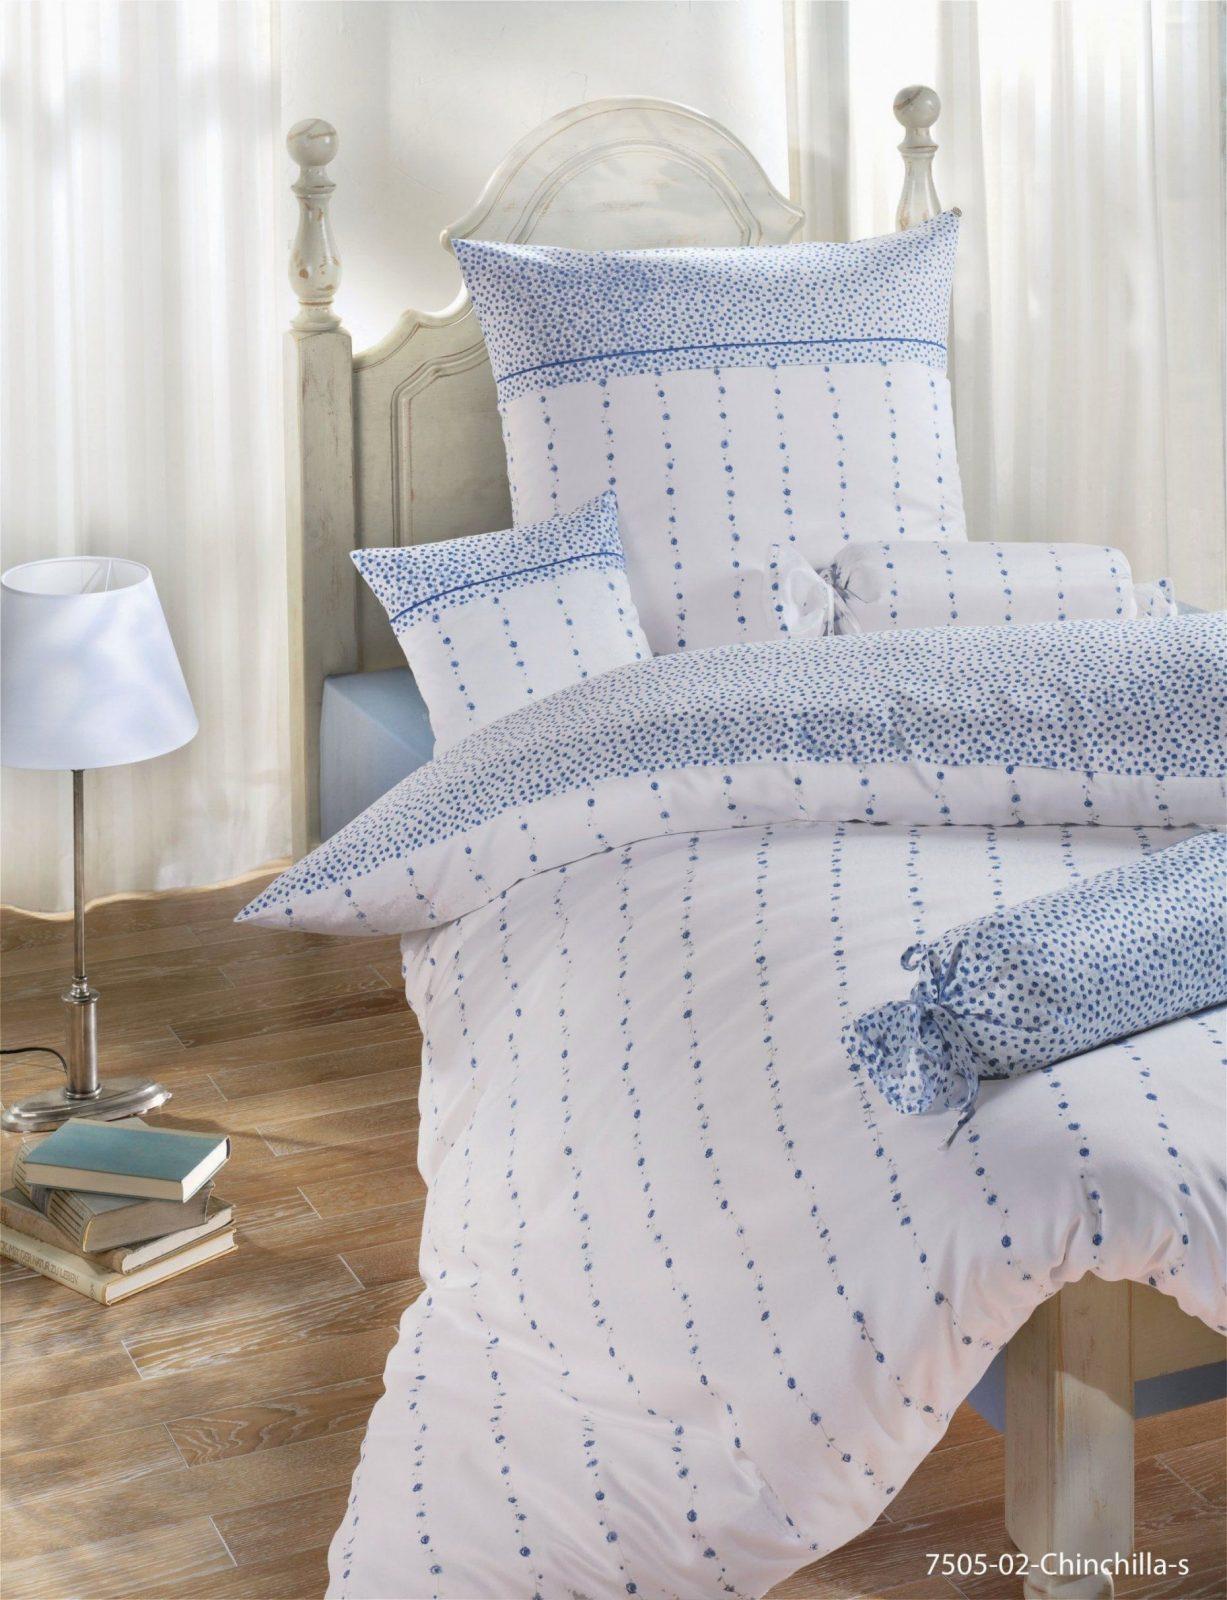 Bettwäsche Design Ideen Und Bilder Host4rich Von Biber Bettwäsche